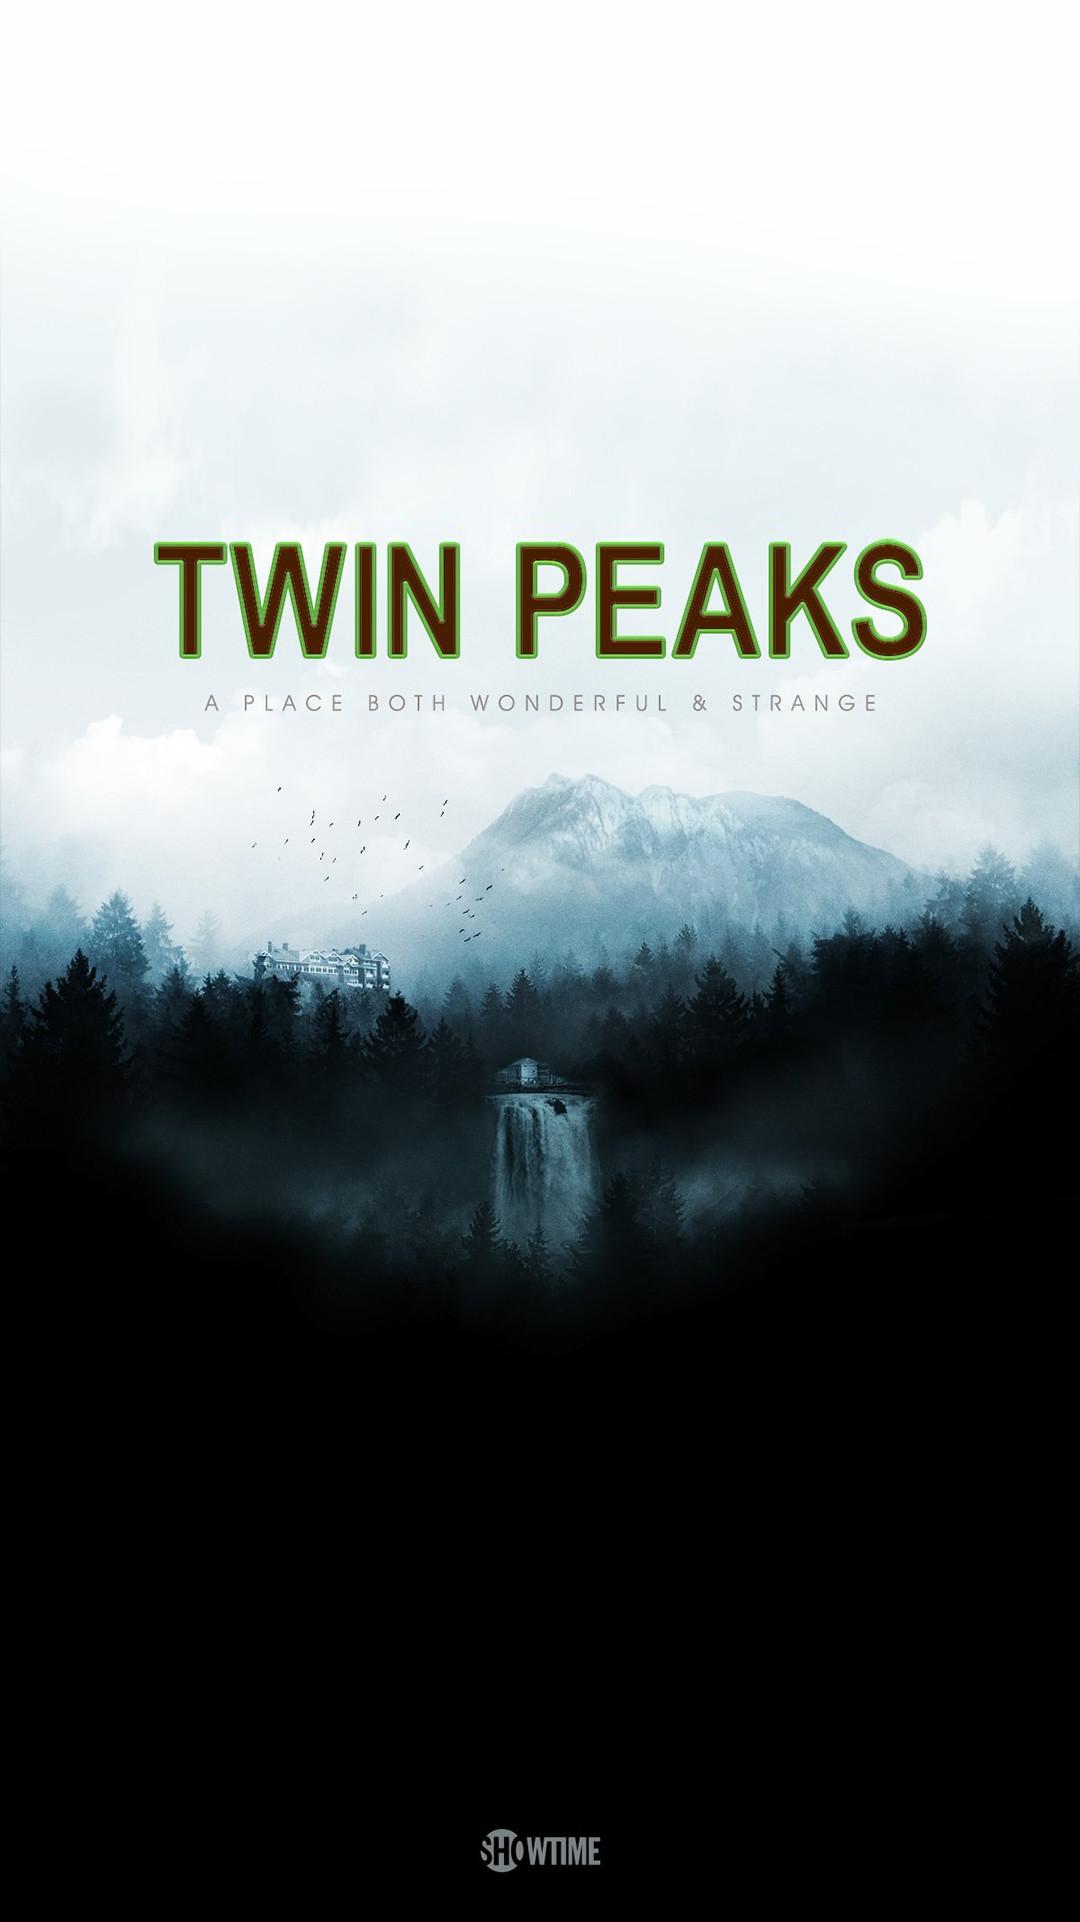 Best 20+ Twin peaks season 3 ideas on Pinterest | Twin peaks, Twin peaks  2016 and Twin peaks serie